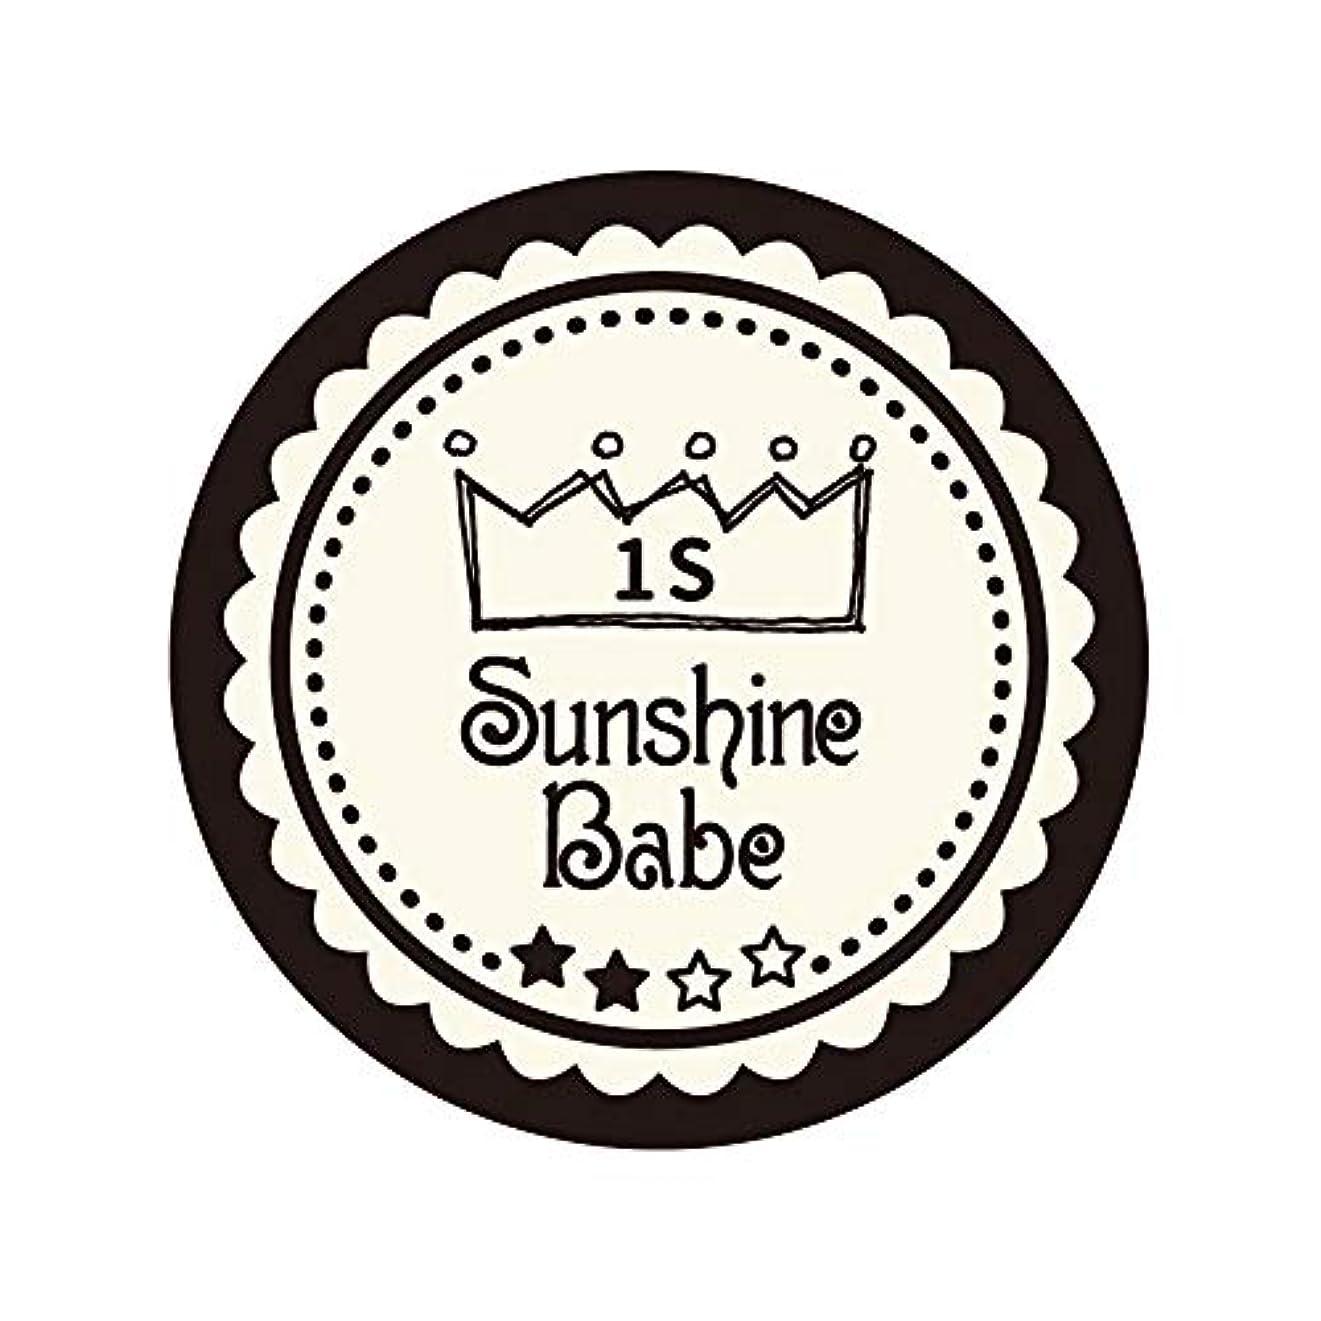 見かけ上押す置き場Sunshine Babe カラージェル 1S ココナッツミルク 2.7g UV/LED対応